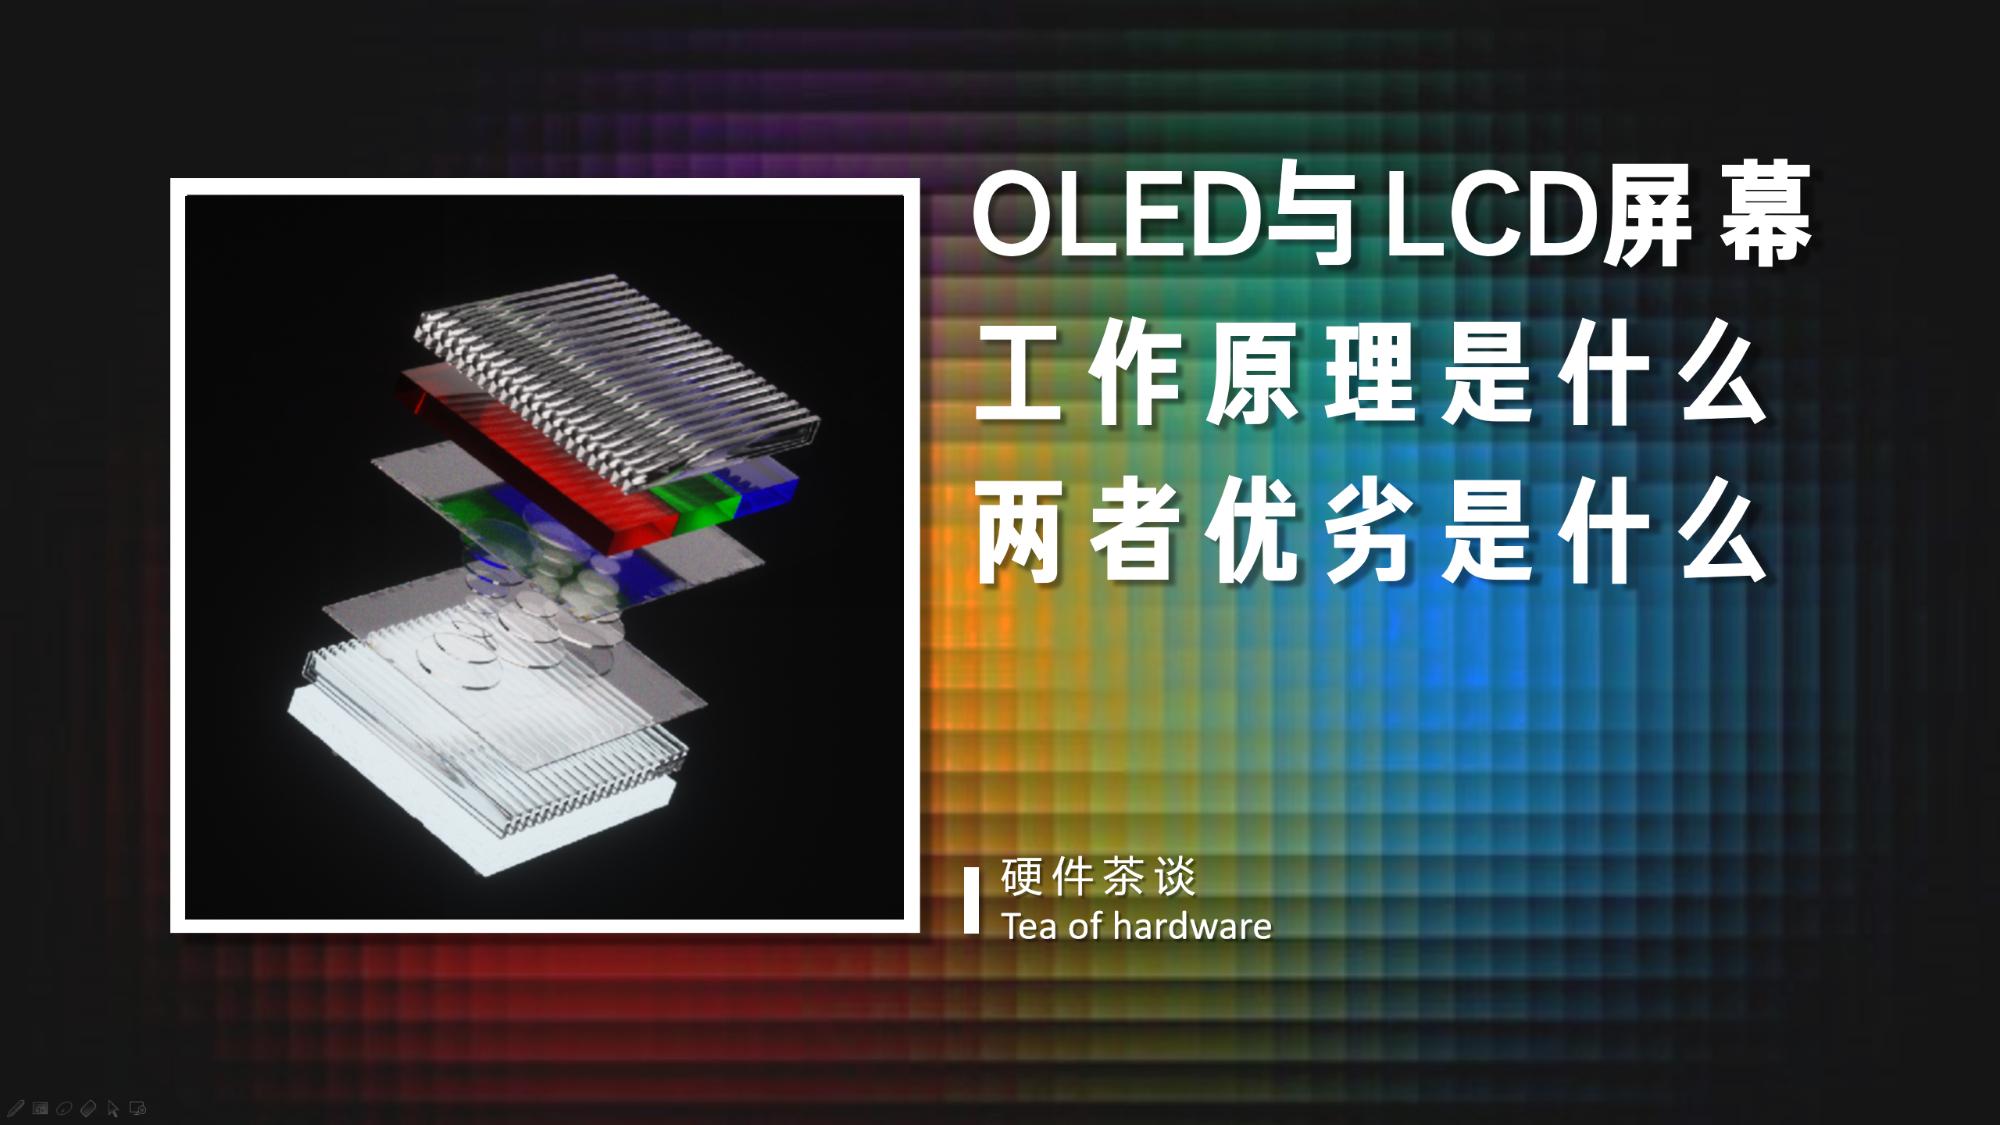 【硬件科普】全网最简洁易懂的OLED与LCD屏幕工作原理与优劣科普